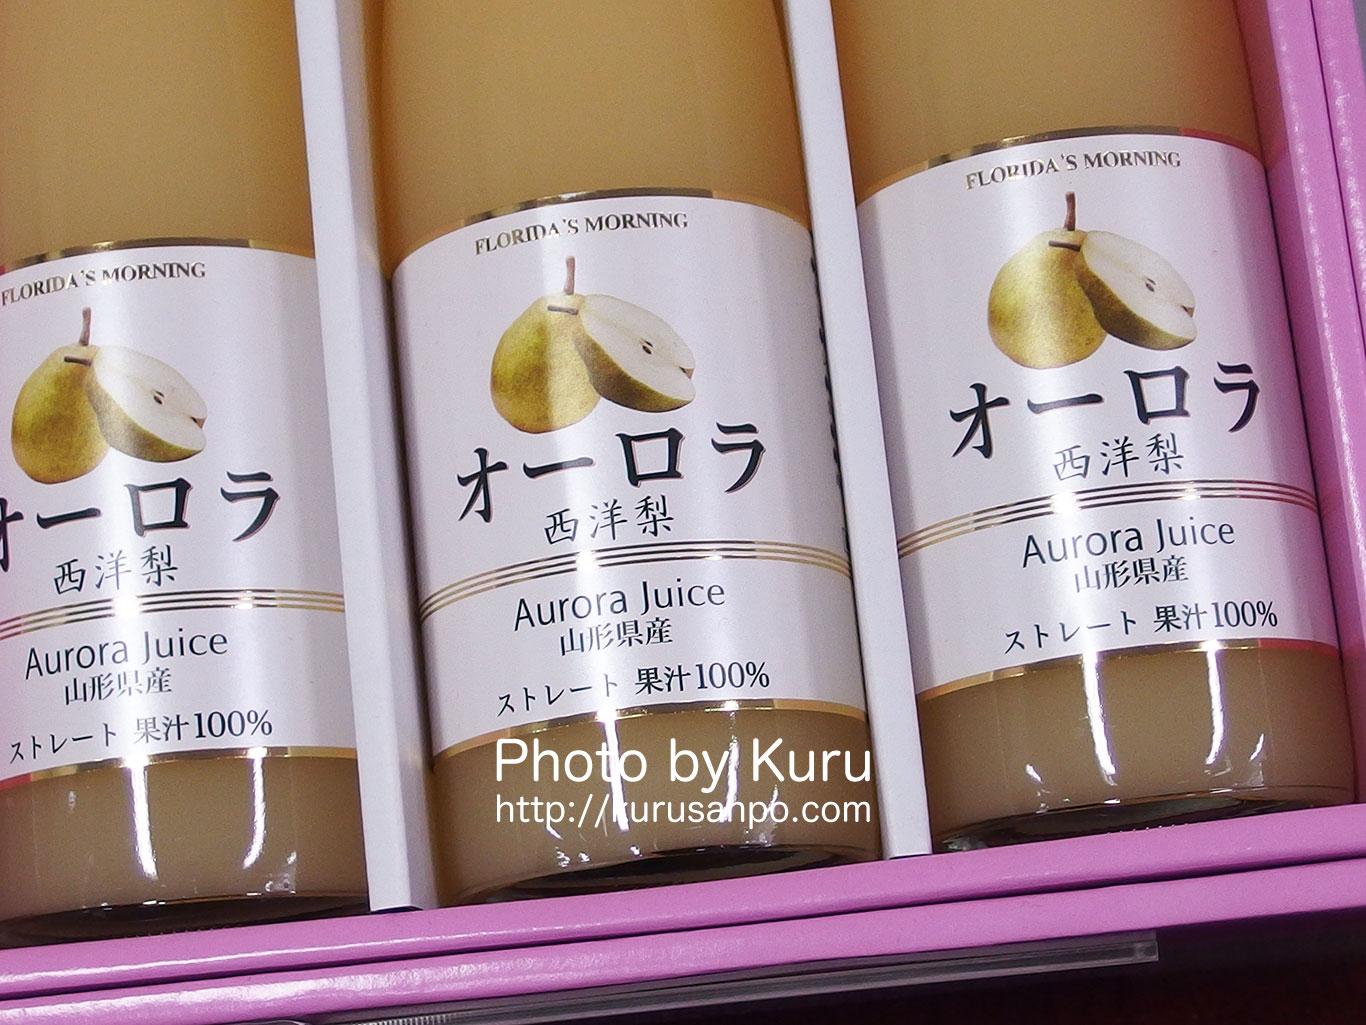 西洋梨の『オーロラ種』を使った洋梨ジュースは、すっきり飲みやすい洋梨ジュースでした♪